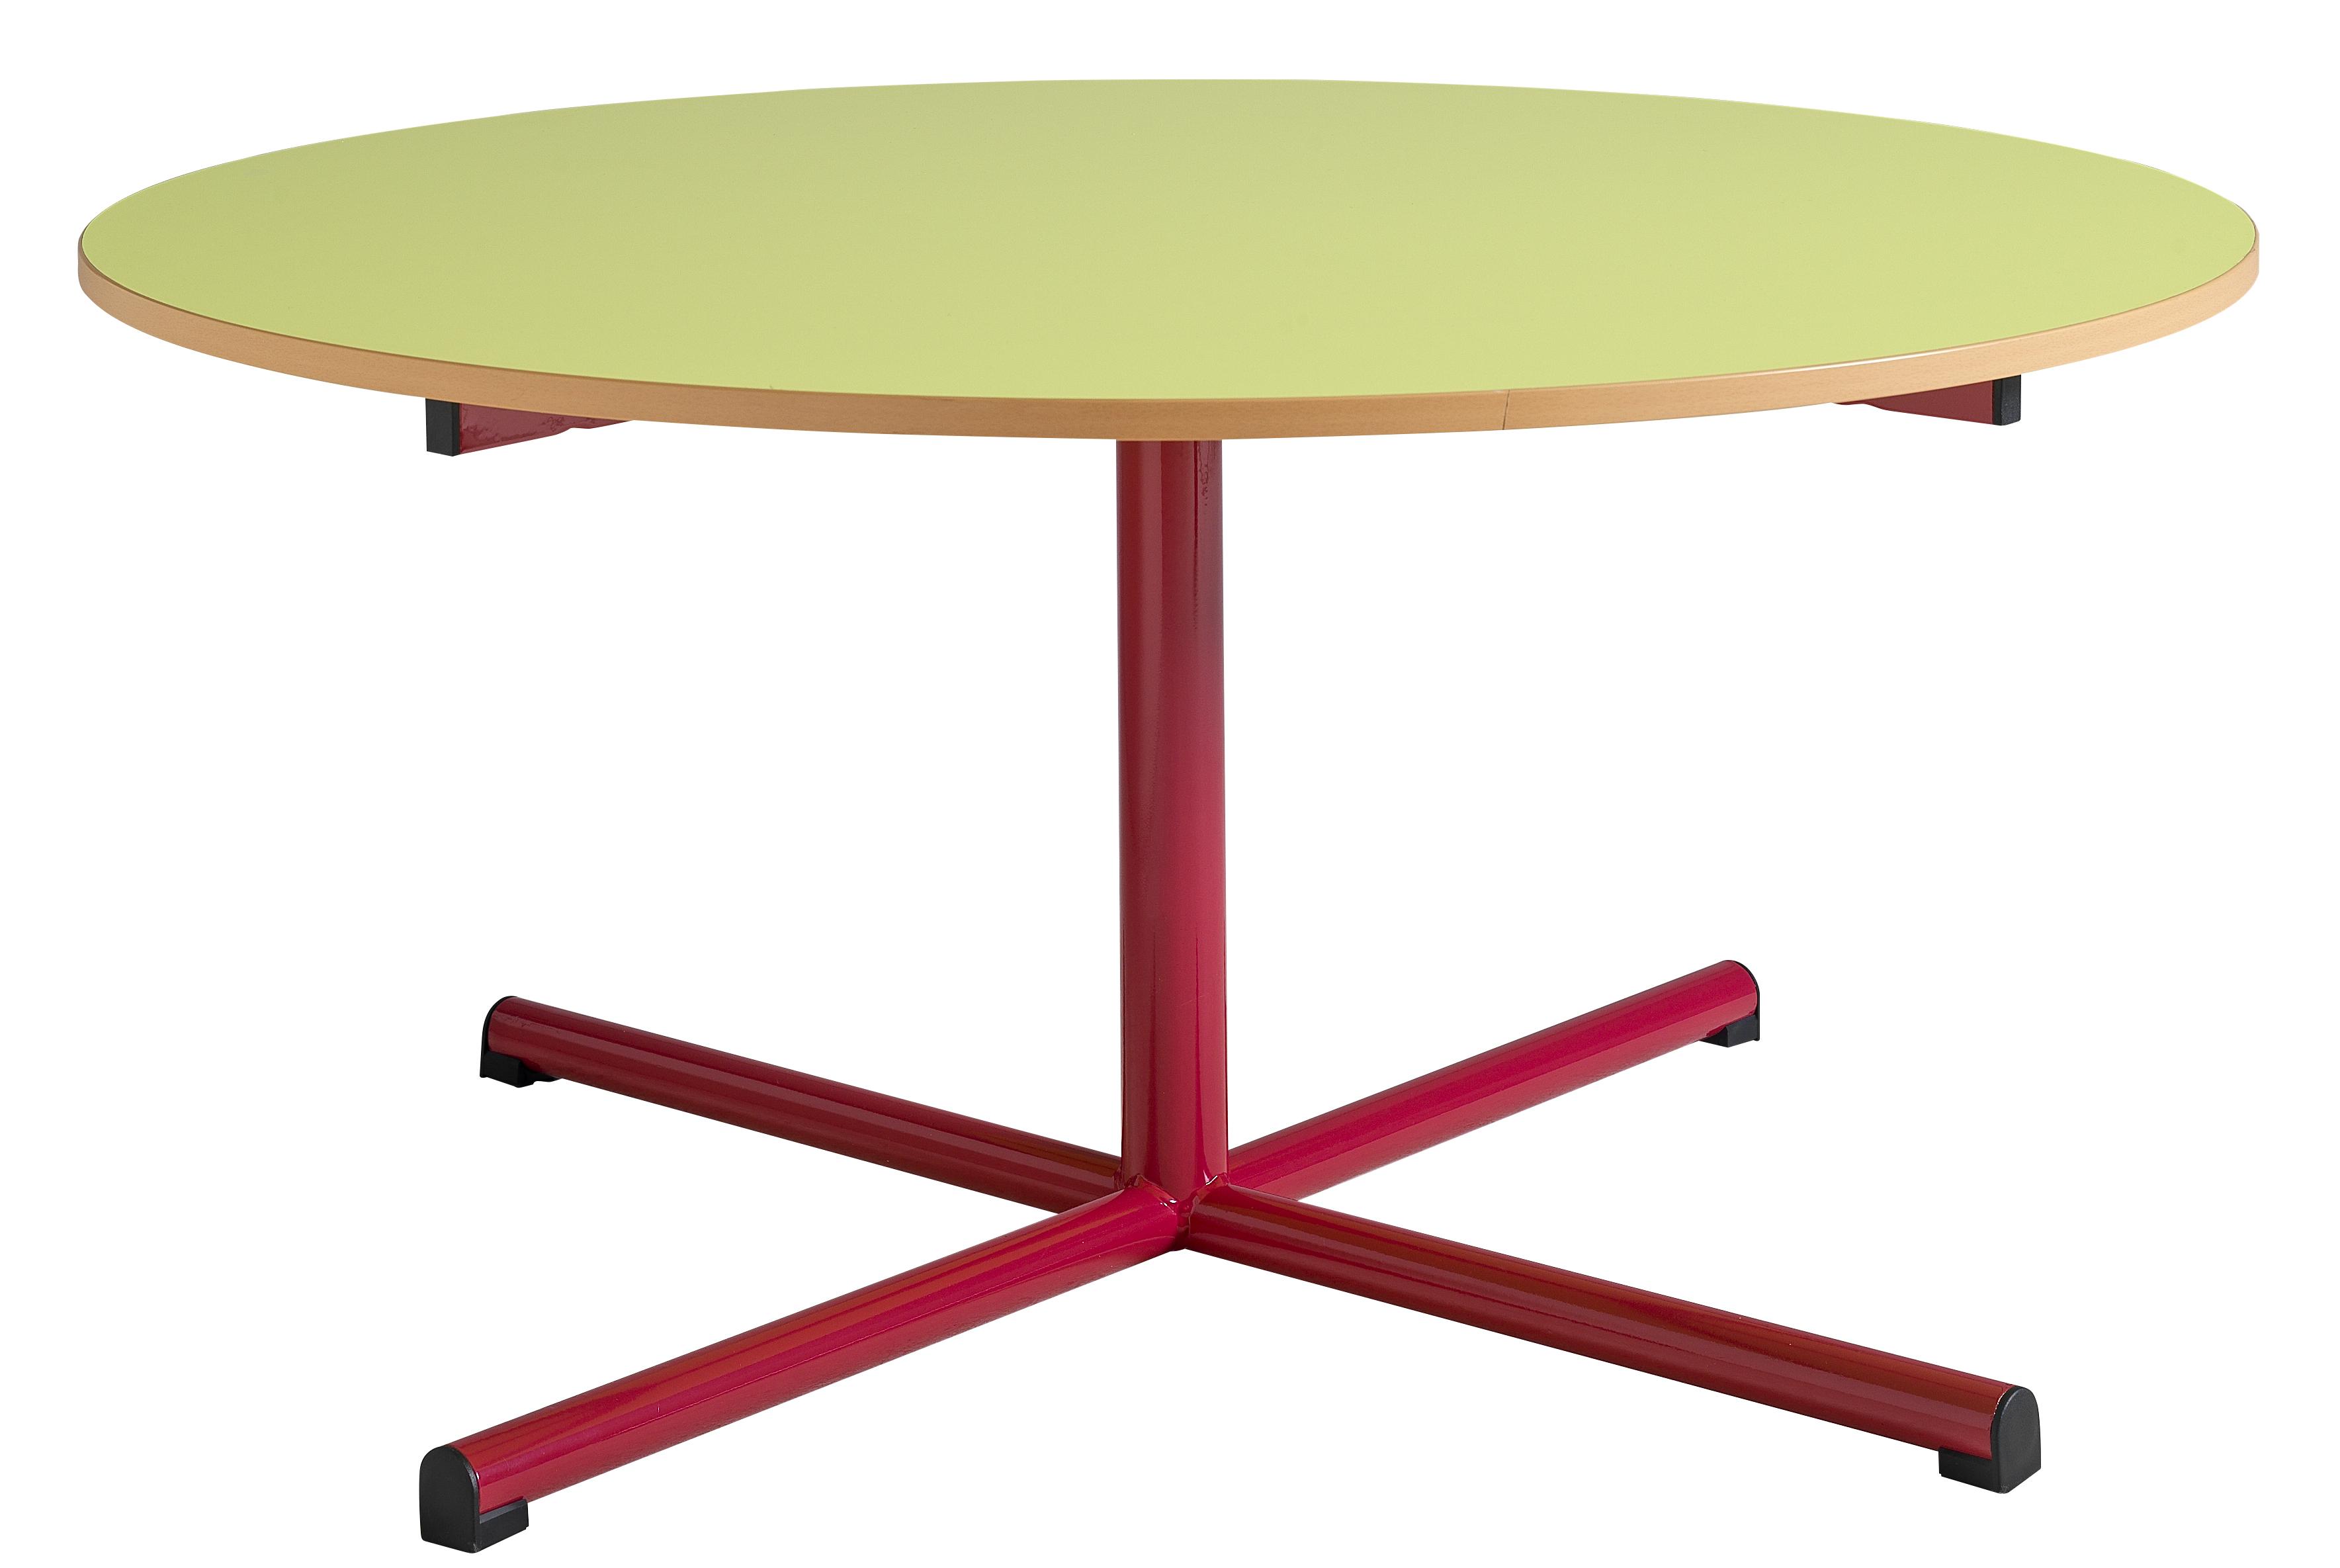 DPC - MATERNELLE Table maternelle fixe 4 pieds tube diamètre 40mm PHOTO 3